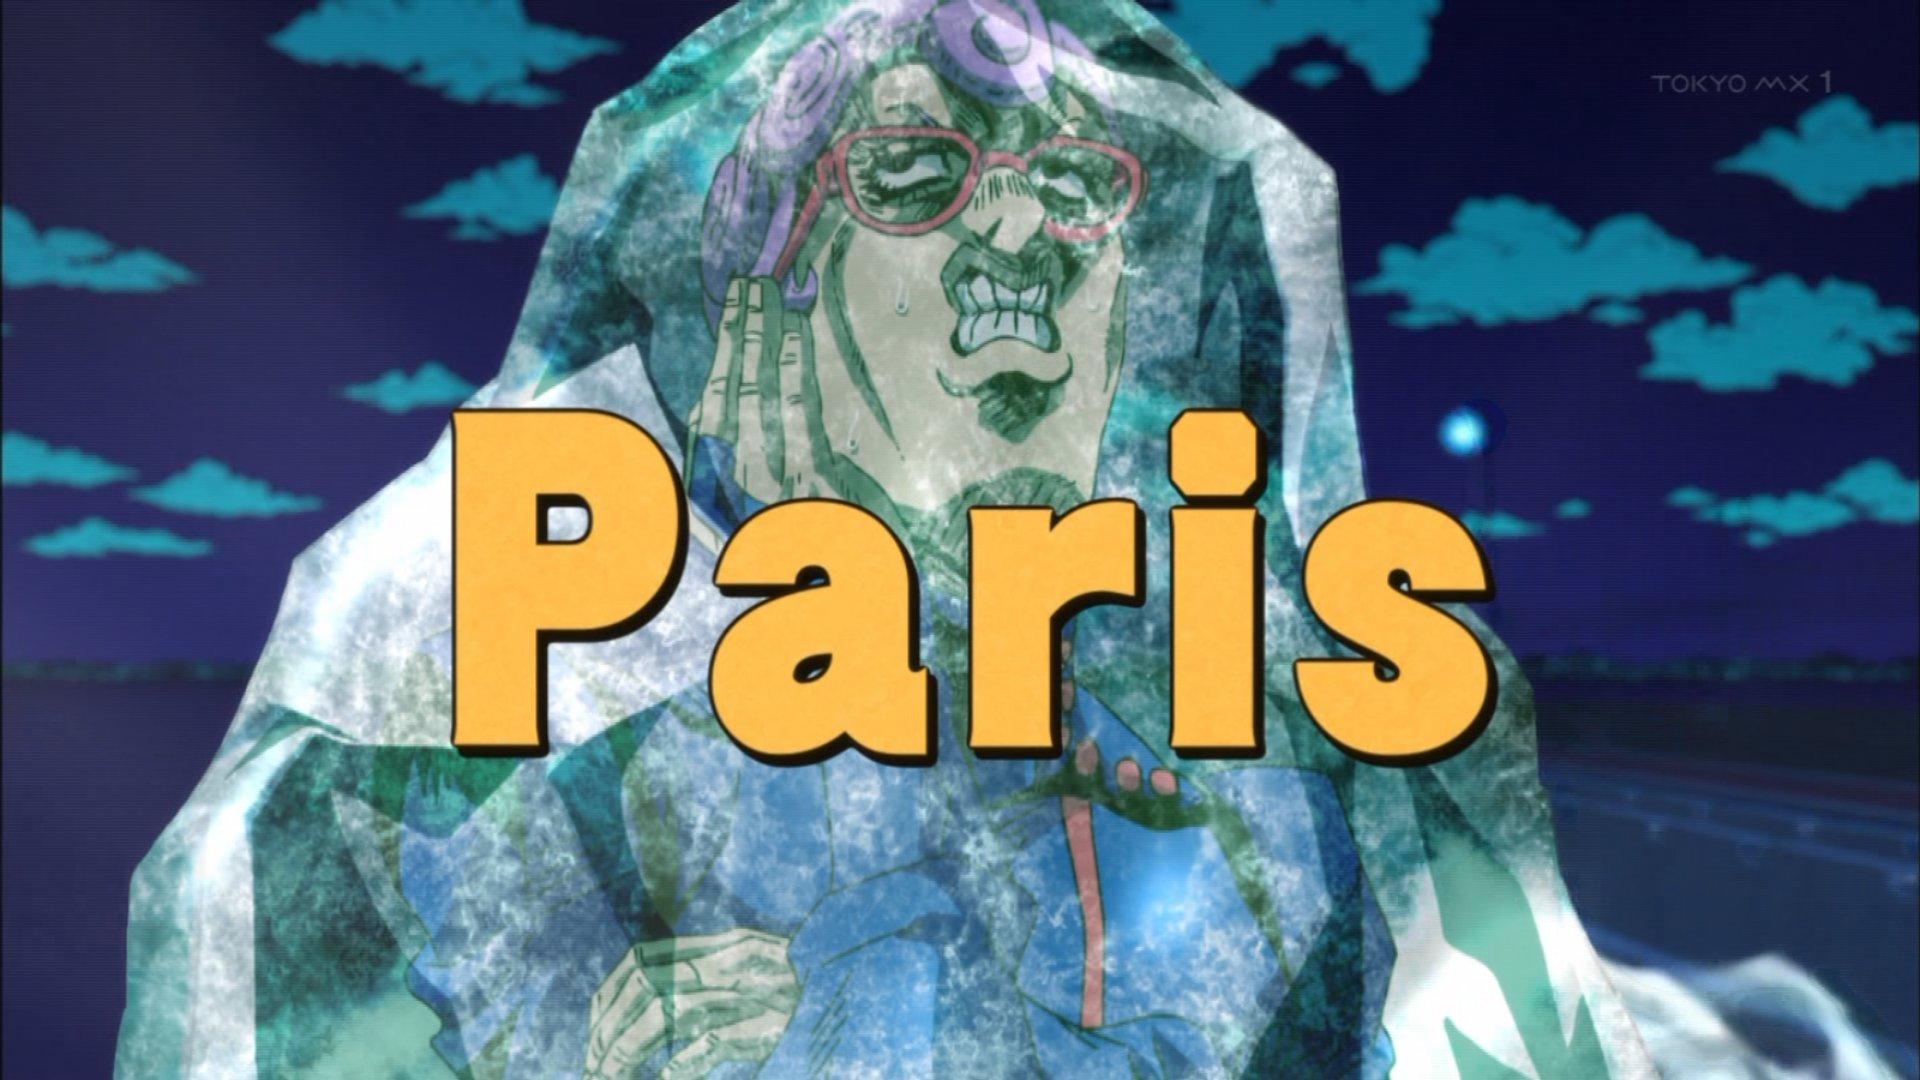 パリ ベニス #jojo_anime https://t.co/s3fTSoGMvO